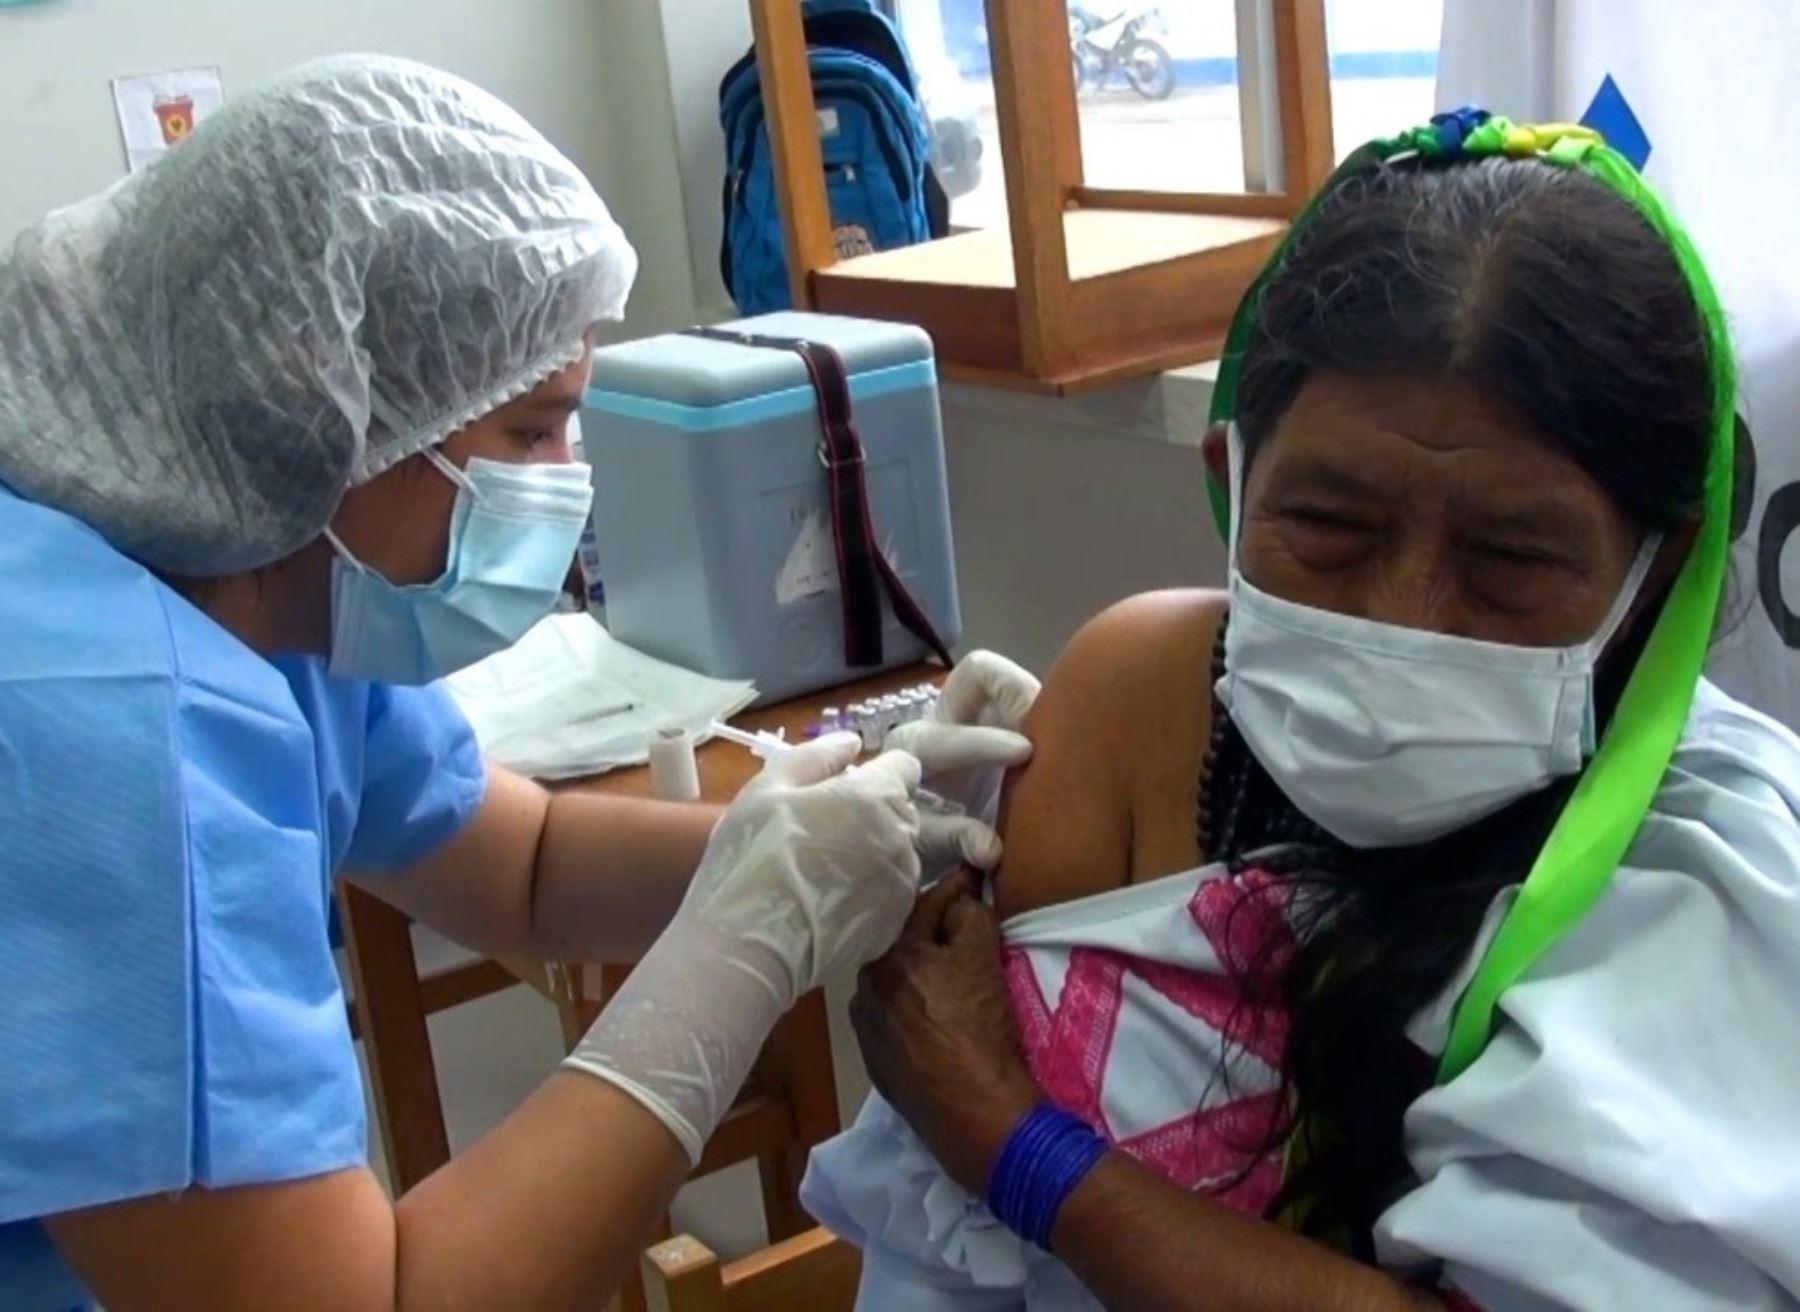 Ya son más de 1,300 pobladores indígenas los que han recibido la primera dosis de la vacuna contra la covid-19 en la región San Martín.